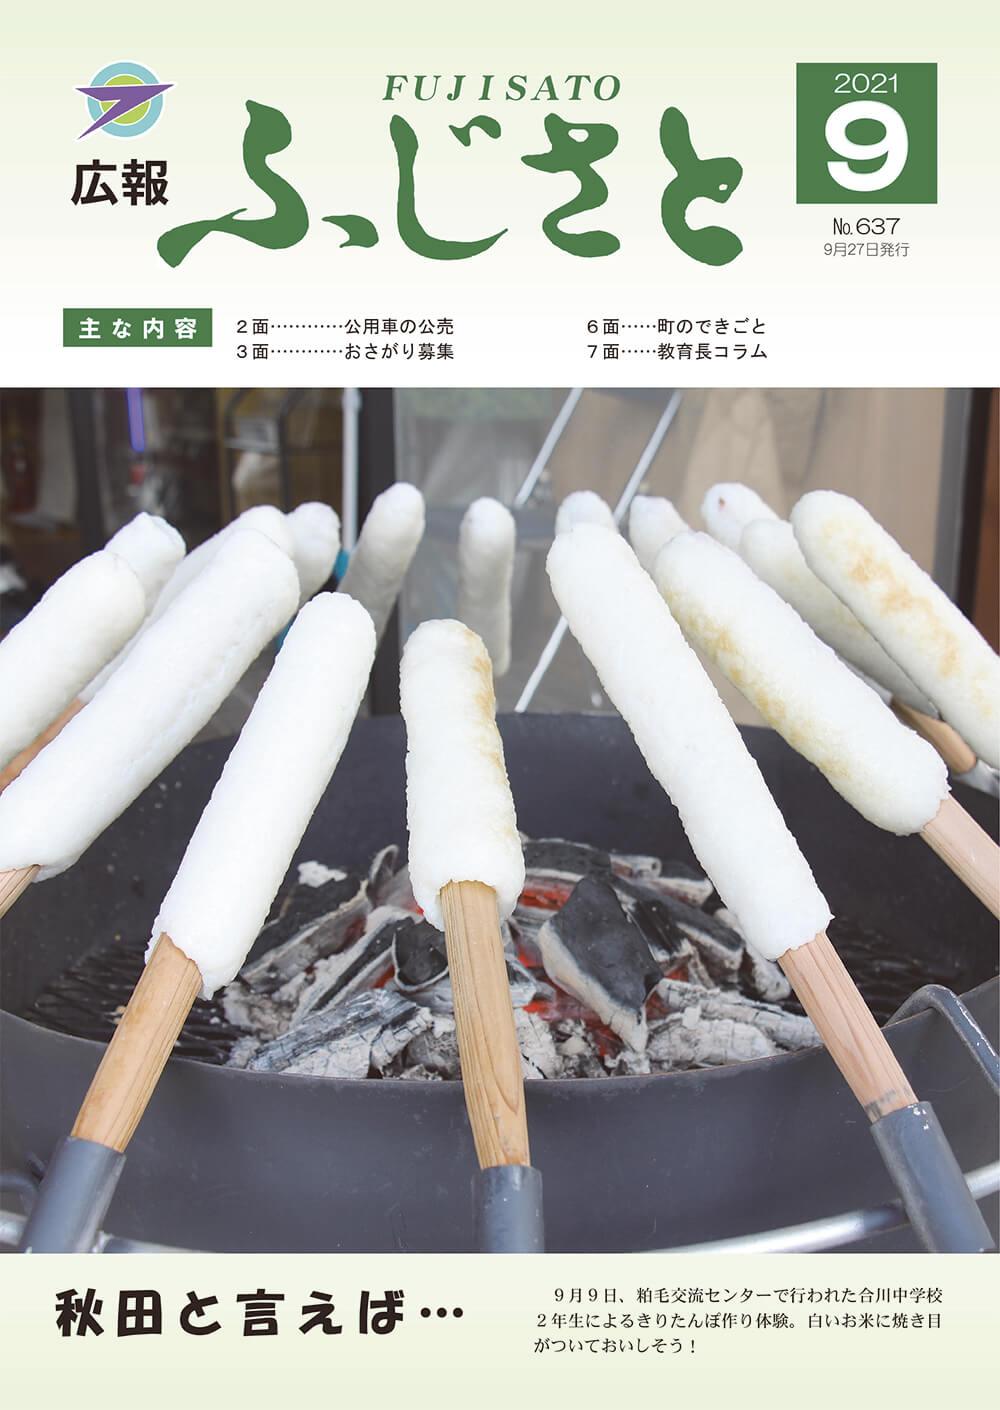 広報ふじさと令和3年9月号